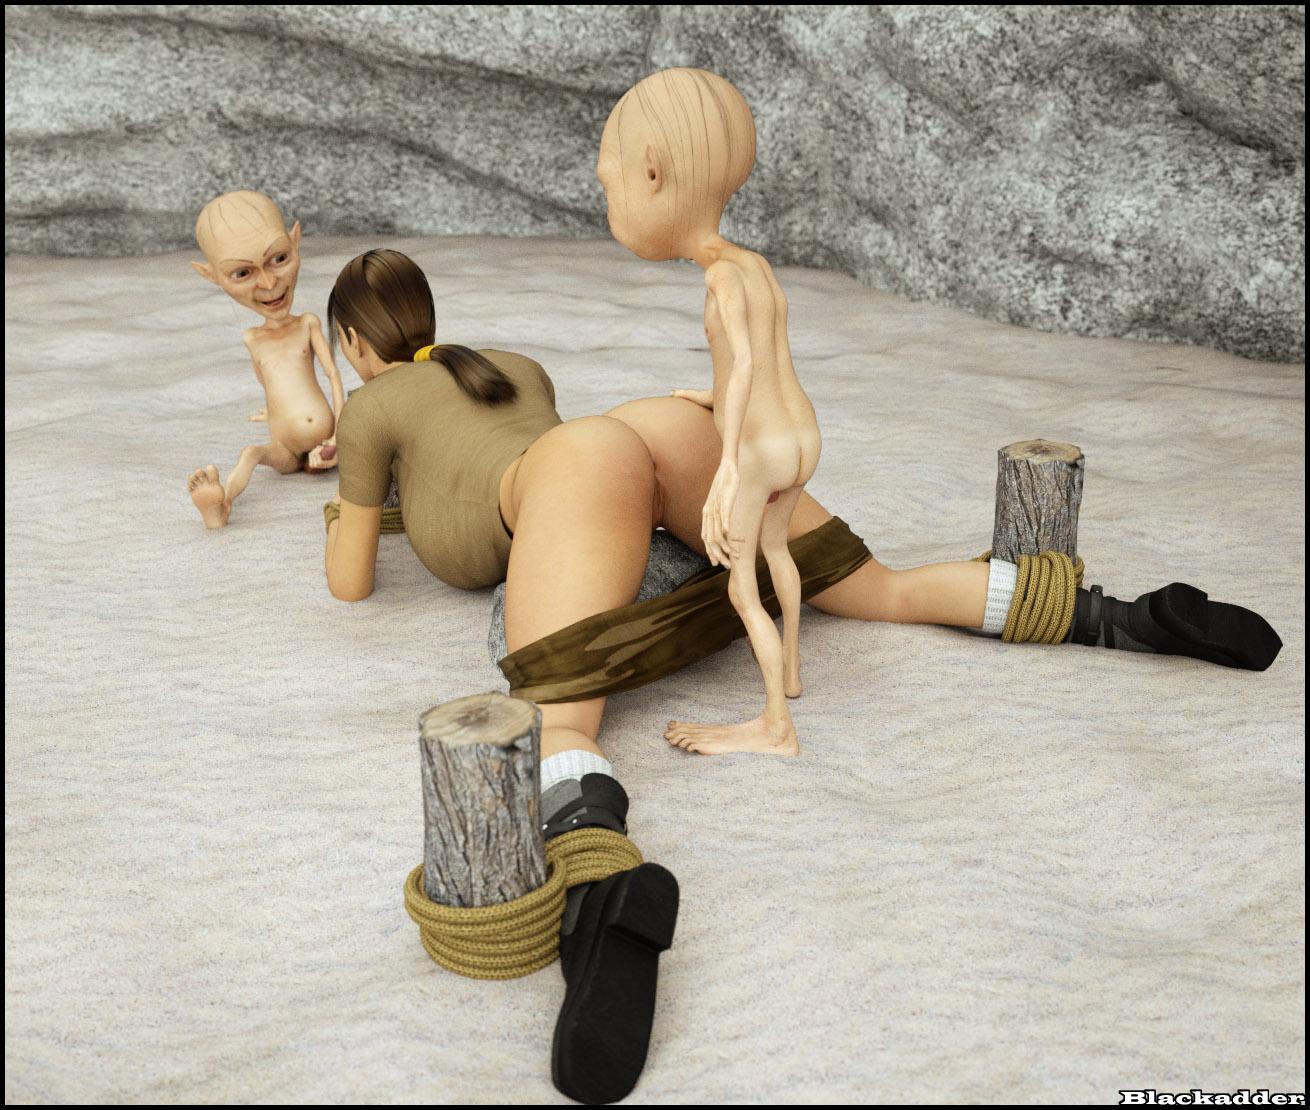 lara croft 3d porn